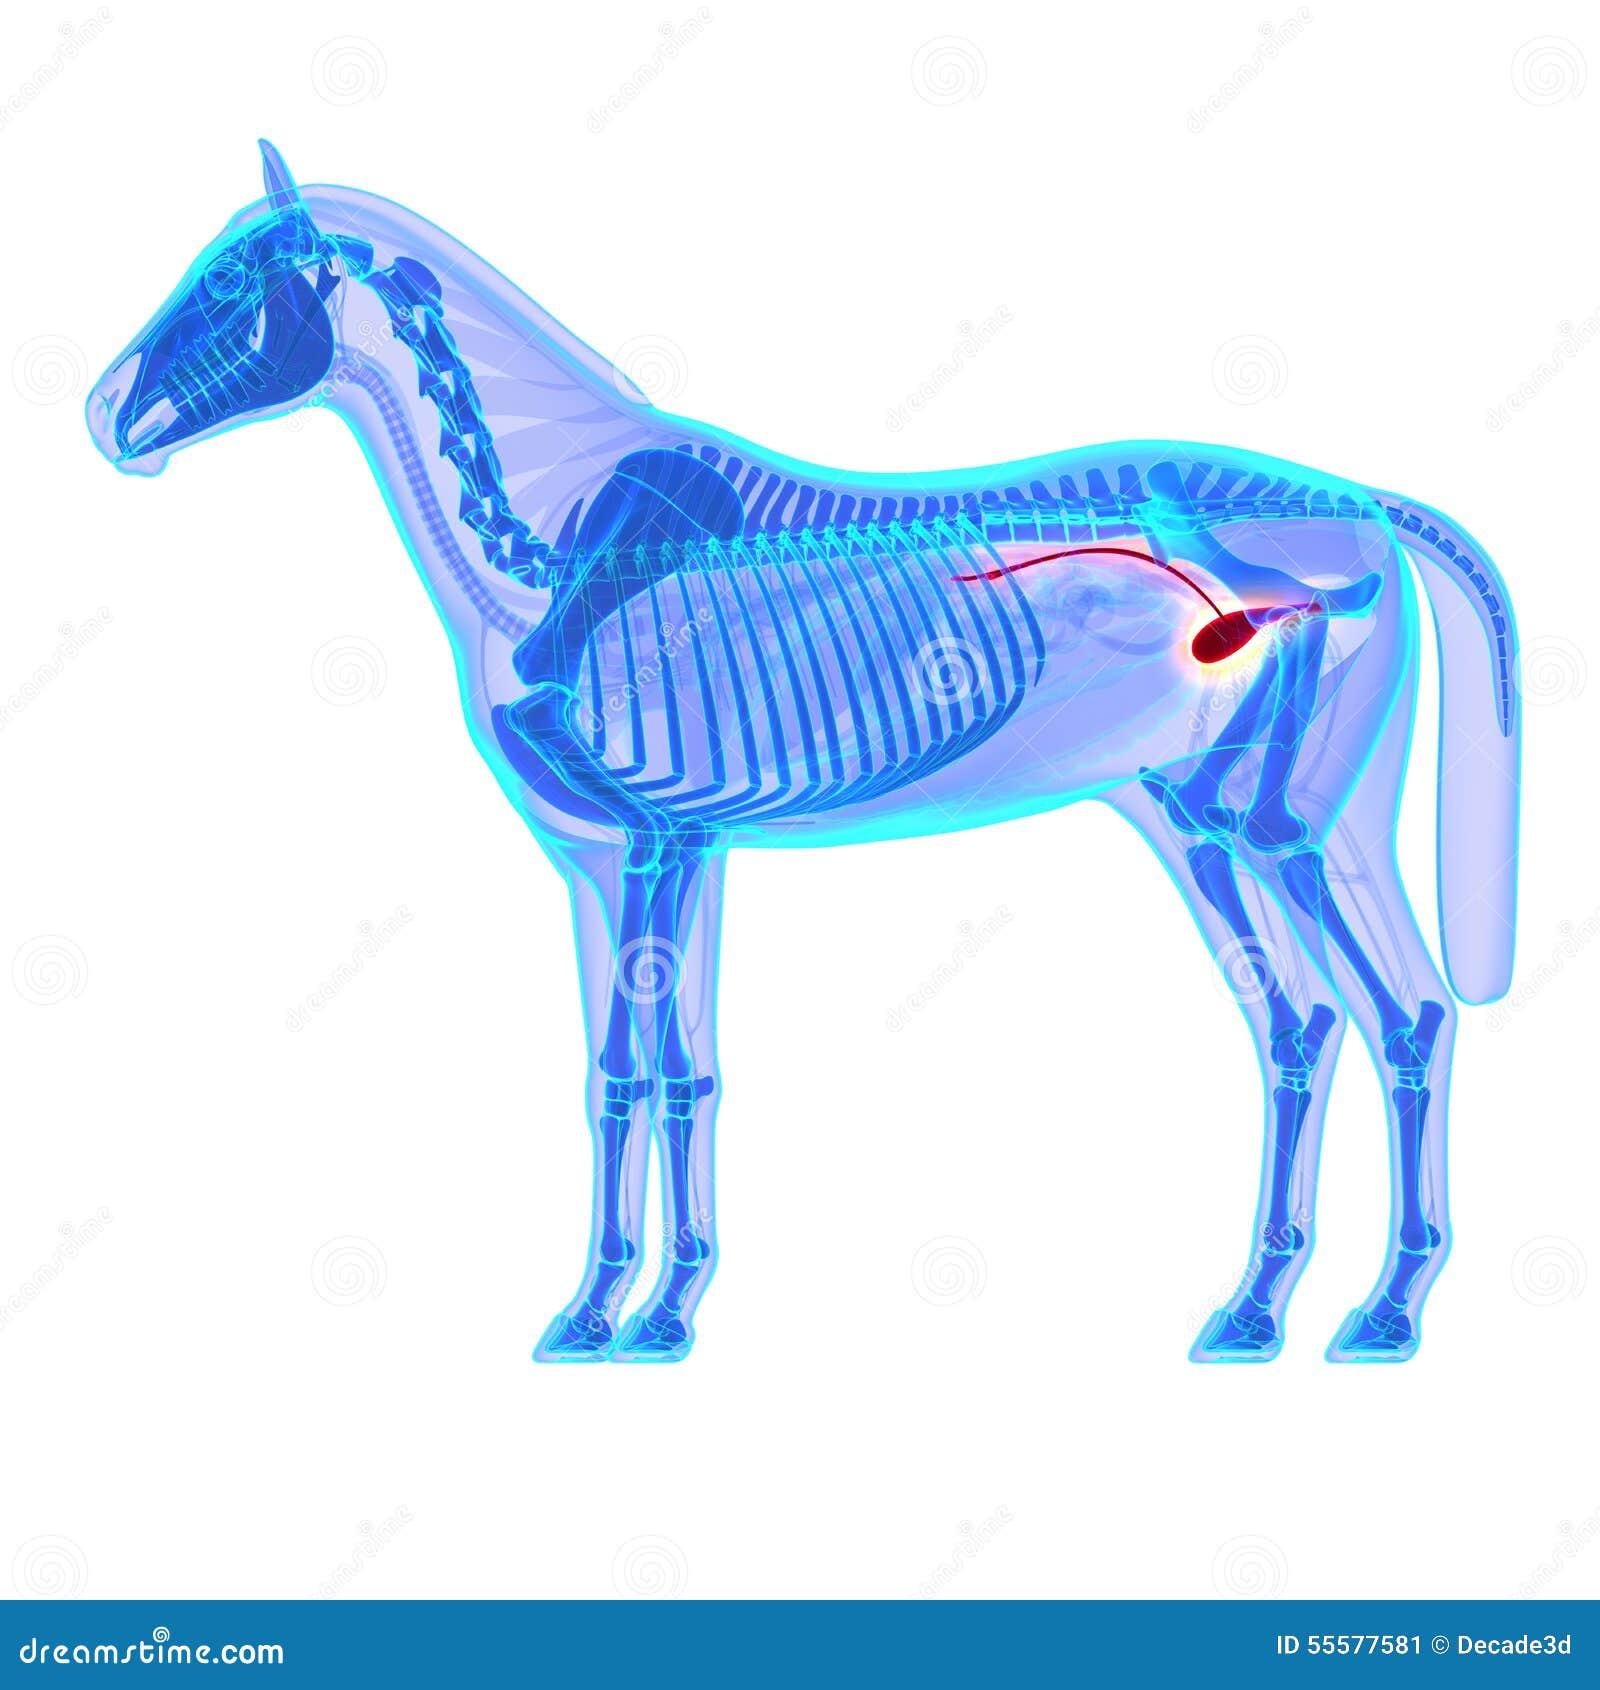 Pferdeblasen-Harnröhre - Pferdequus-Anatomie - Lokalisiert Auf Weiß ...